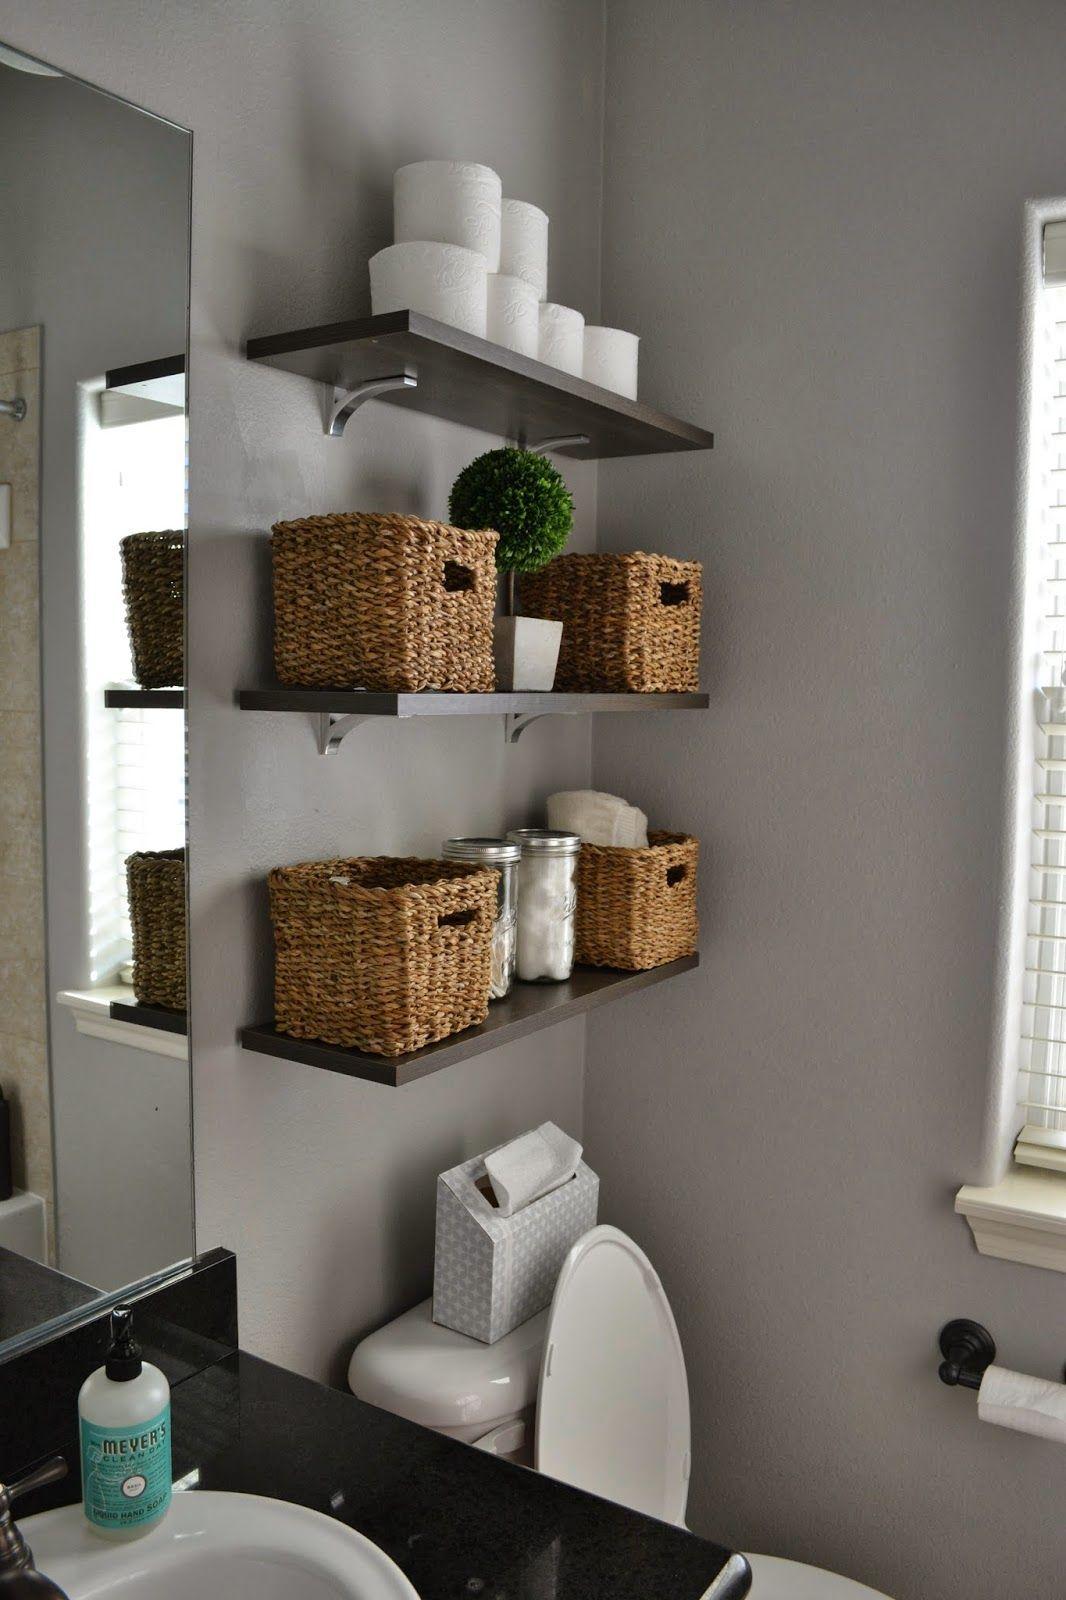 Kleine Badezimmer Design Ideen - Lesen Sie unsere Bad design-Ideen, Tipps und Geheimnisse für die Herstellung die die meisten Ihres ...  #Badezimmer #smallbathroomremodel